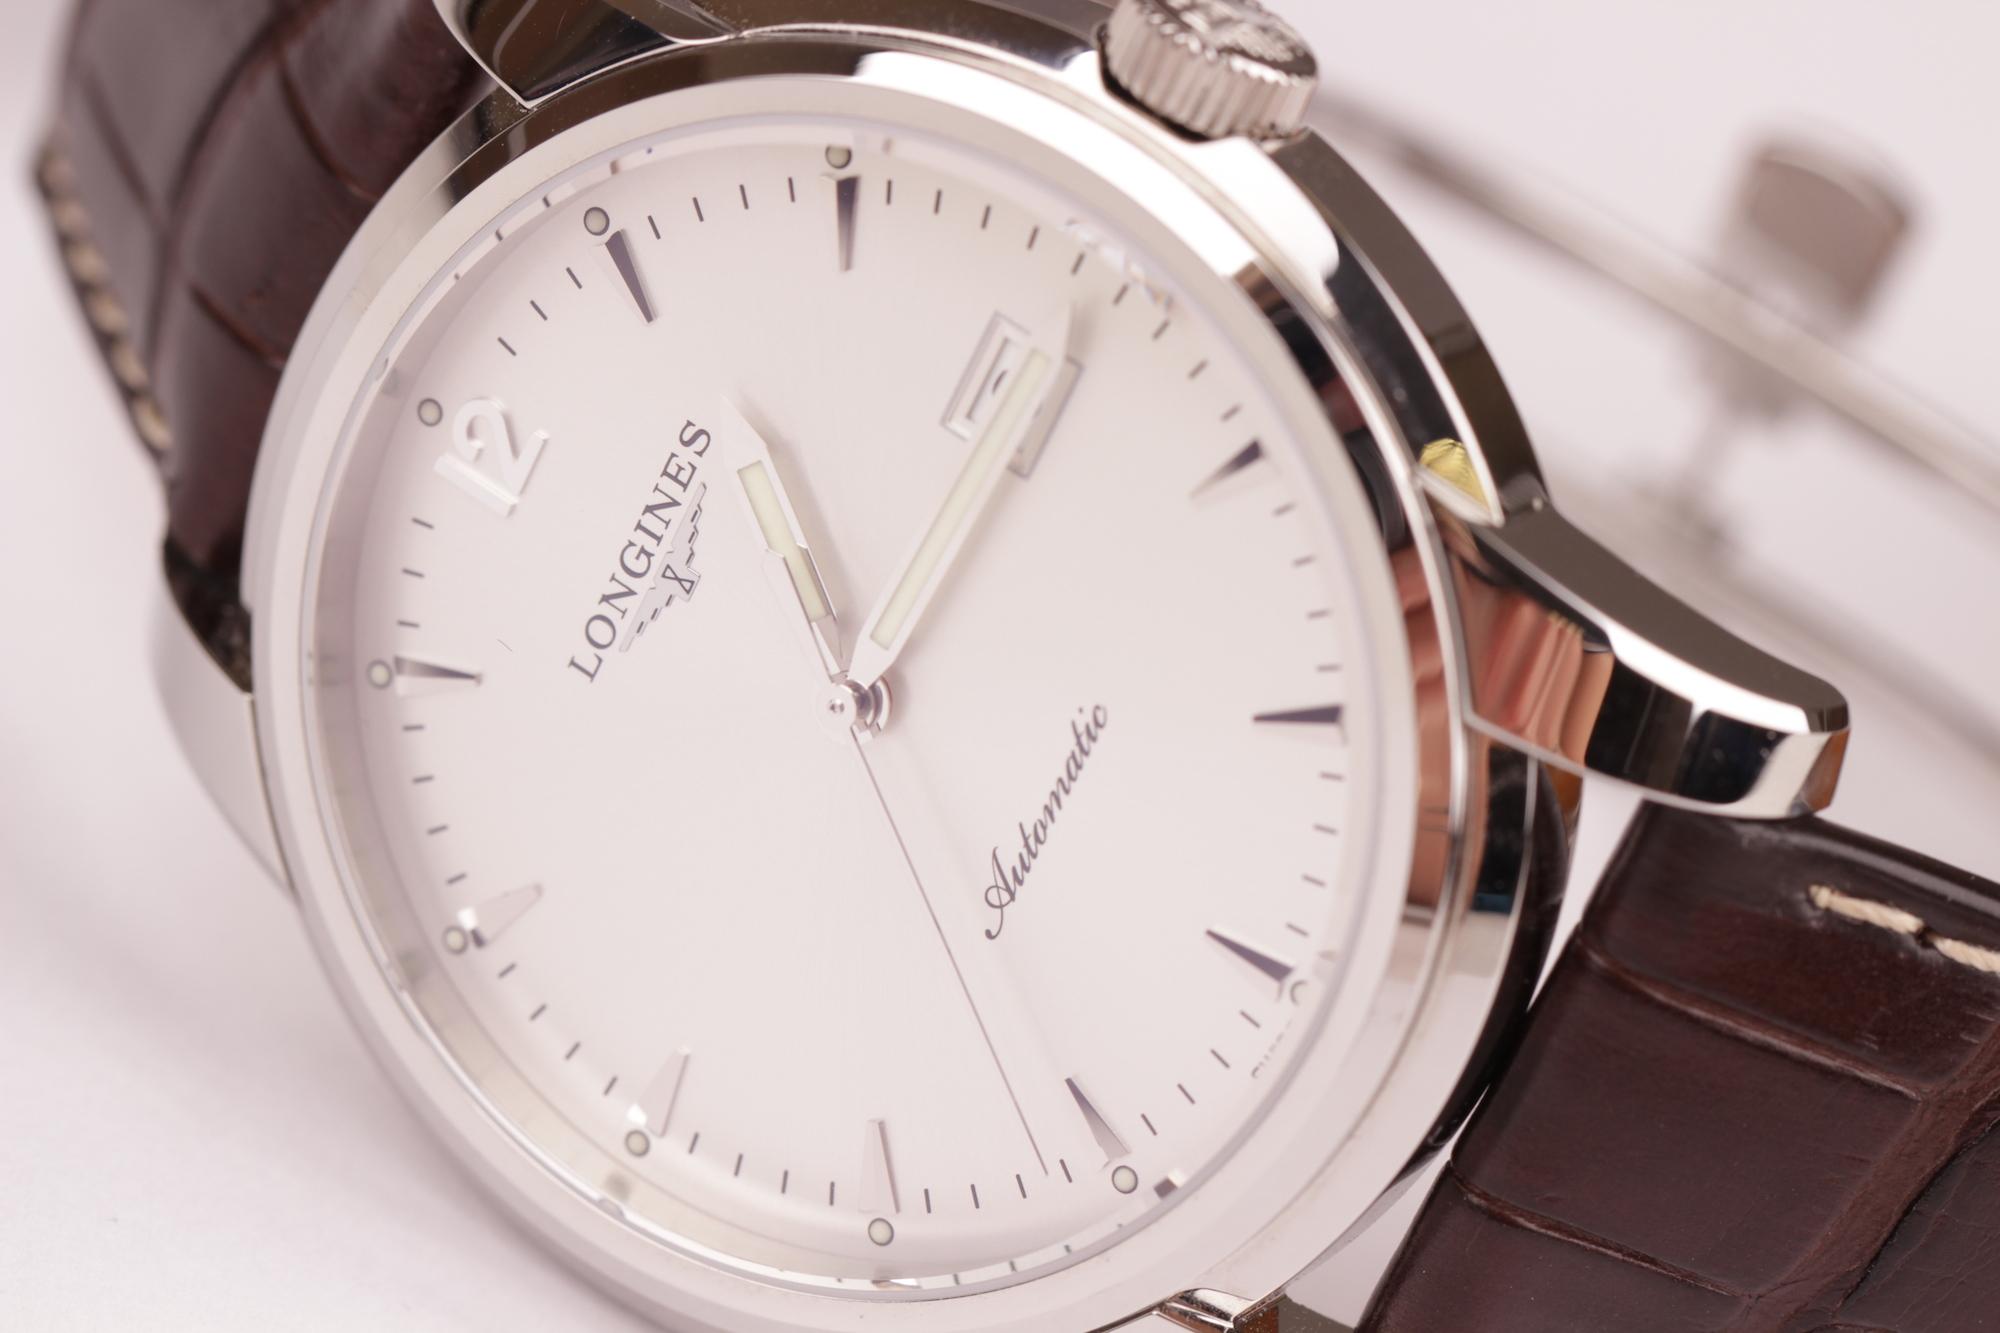 fa92692db9 Jak jsem kupoval hodinky – Muži v Česku